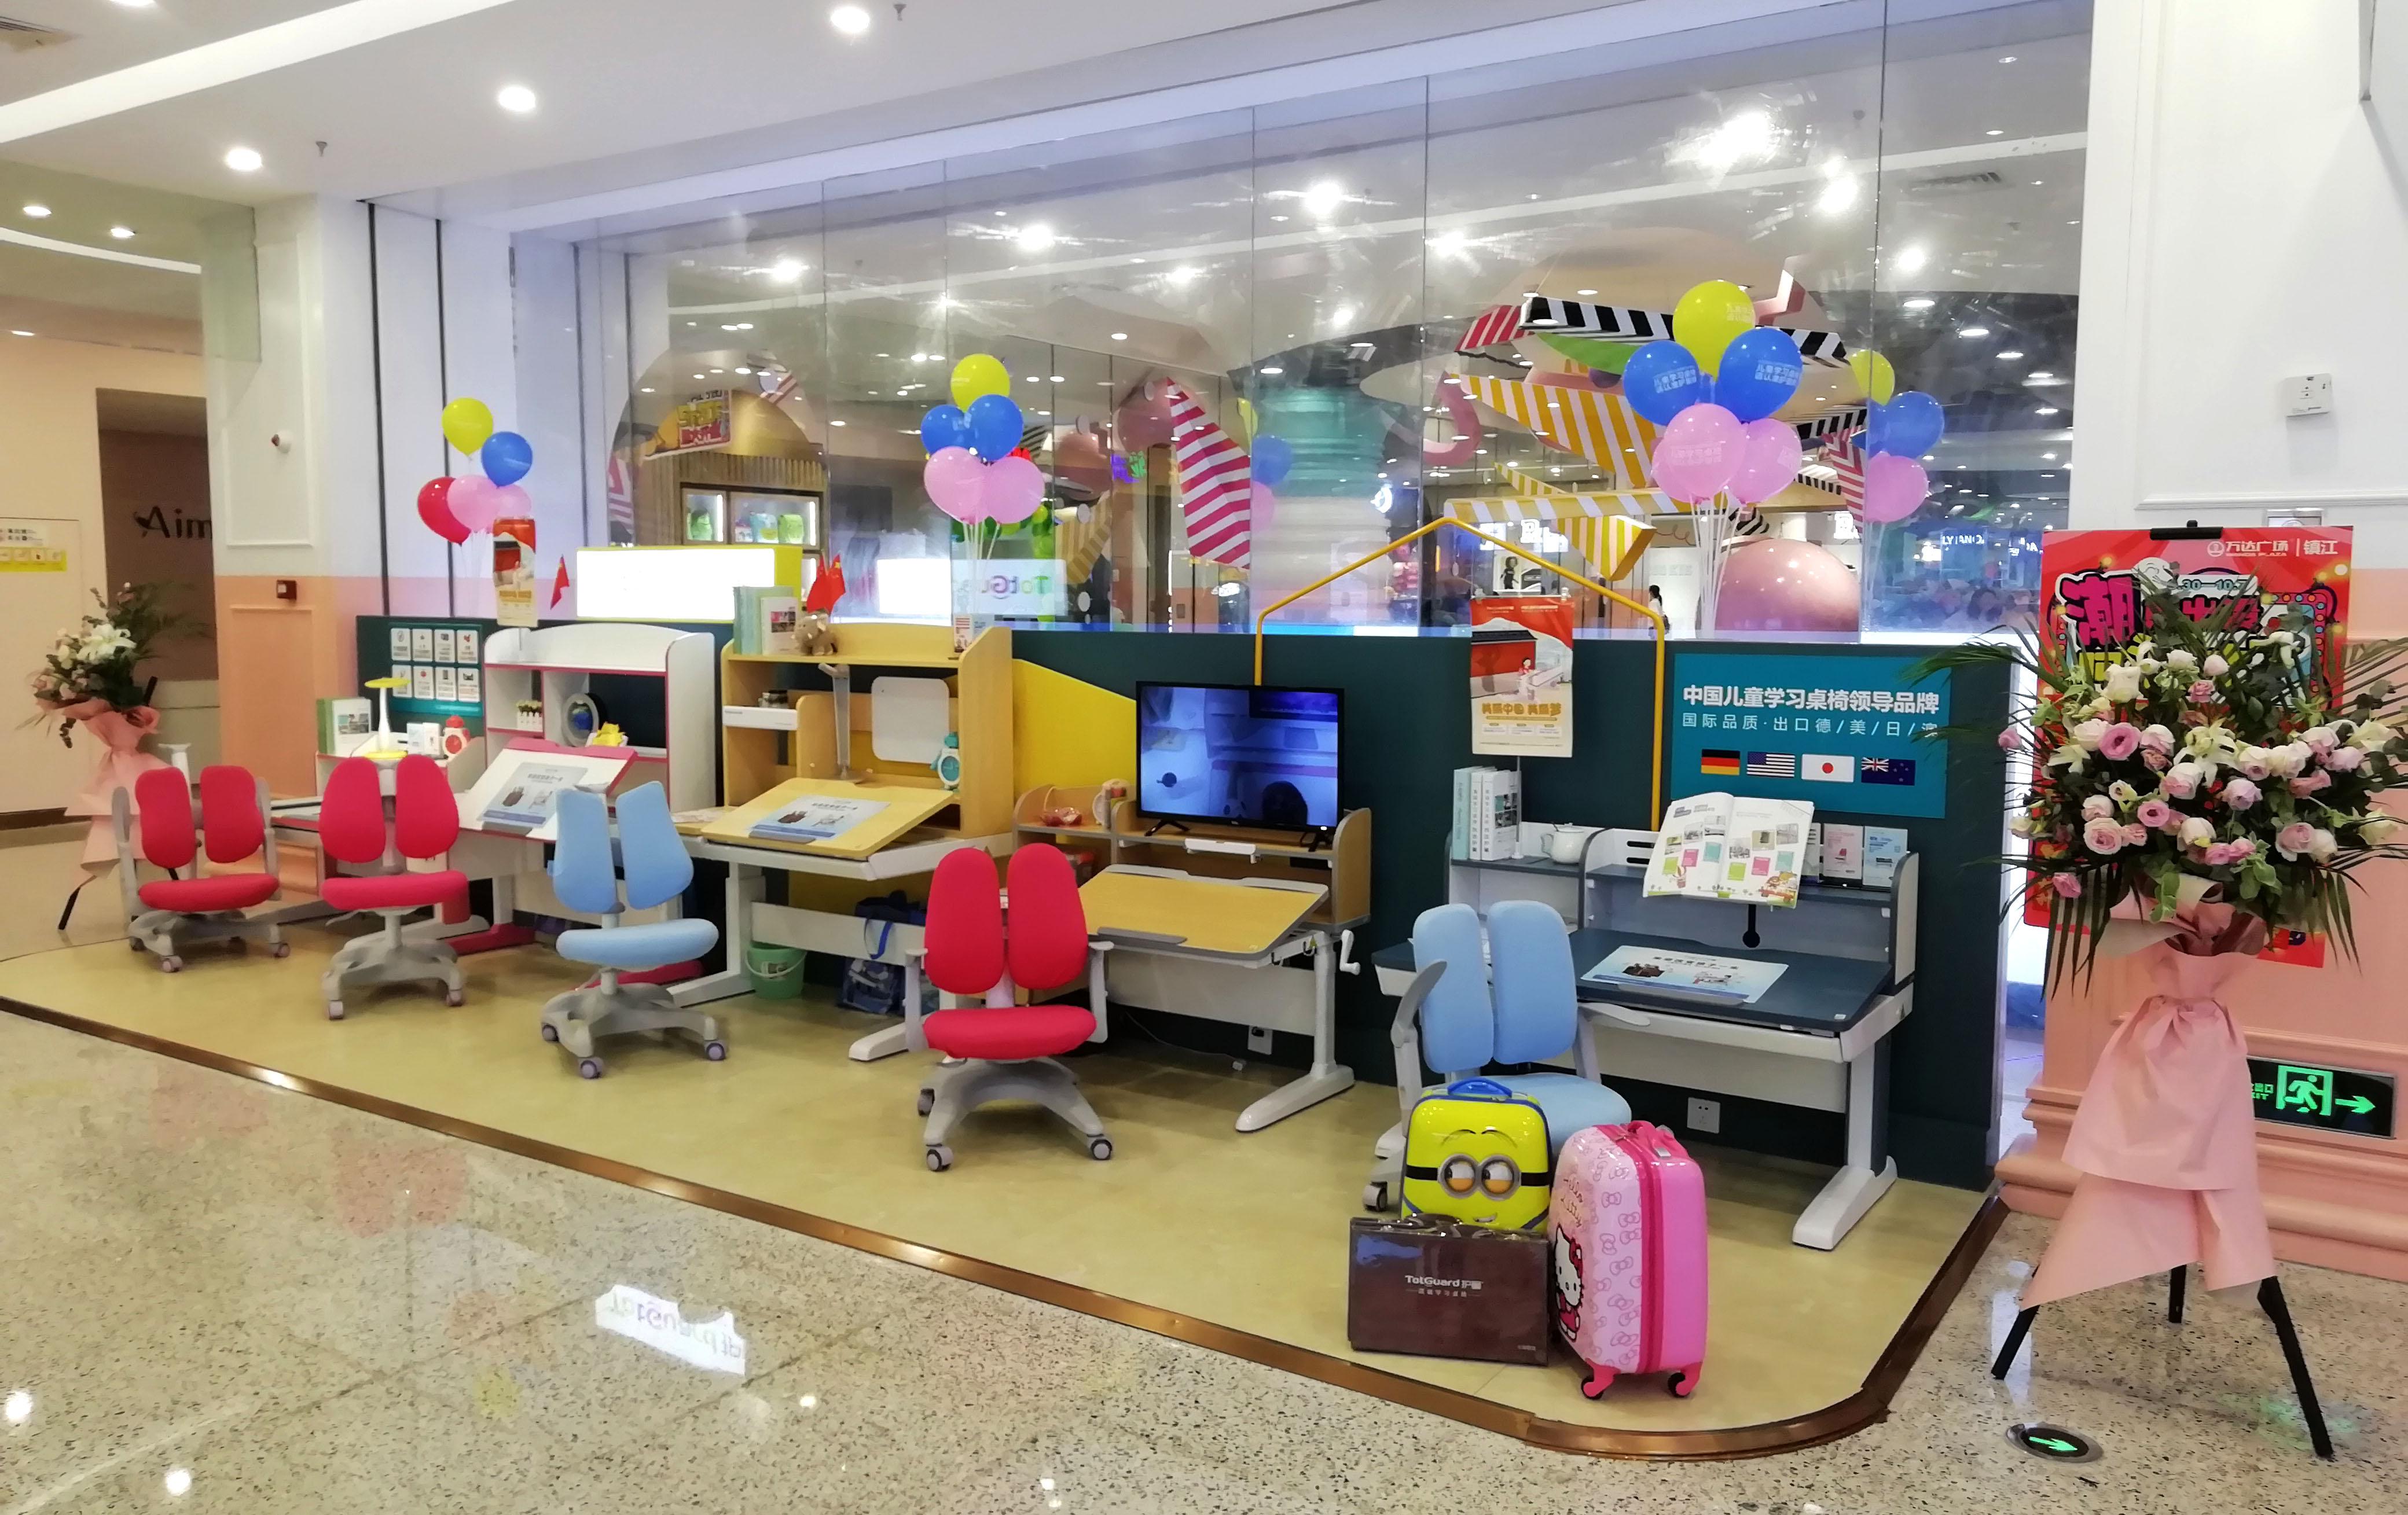 热烈祝贺护童第1879家镇江万达广场护童专柜盛大开业!